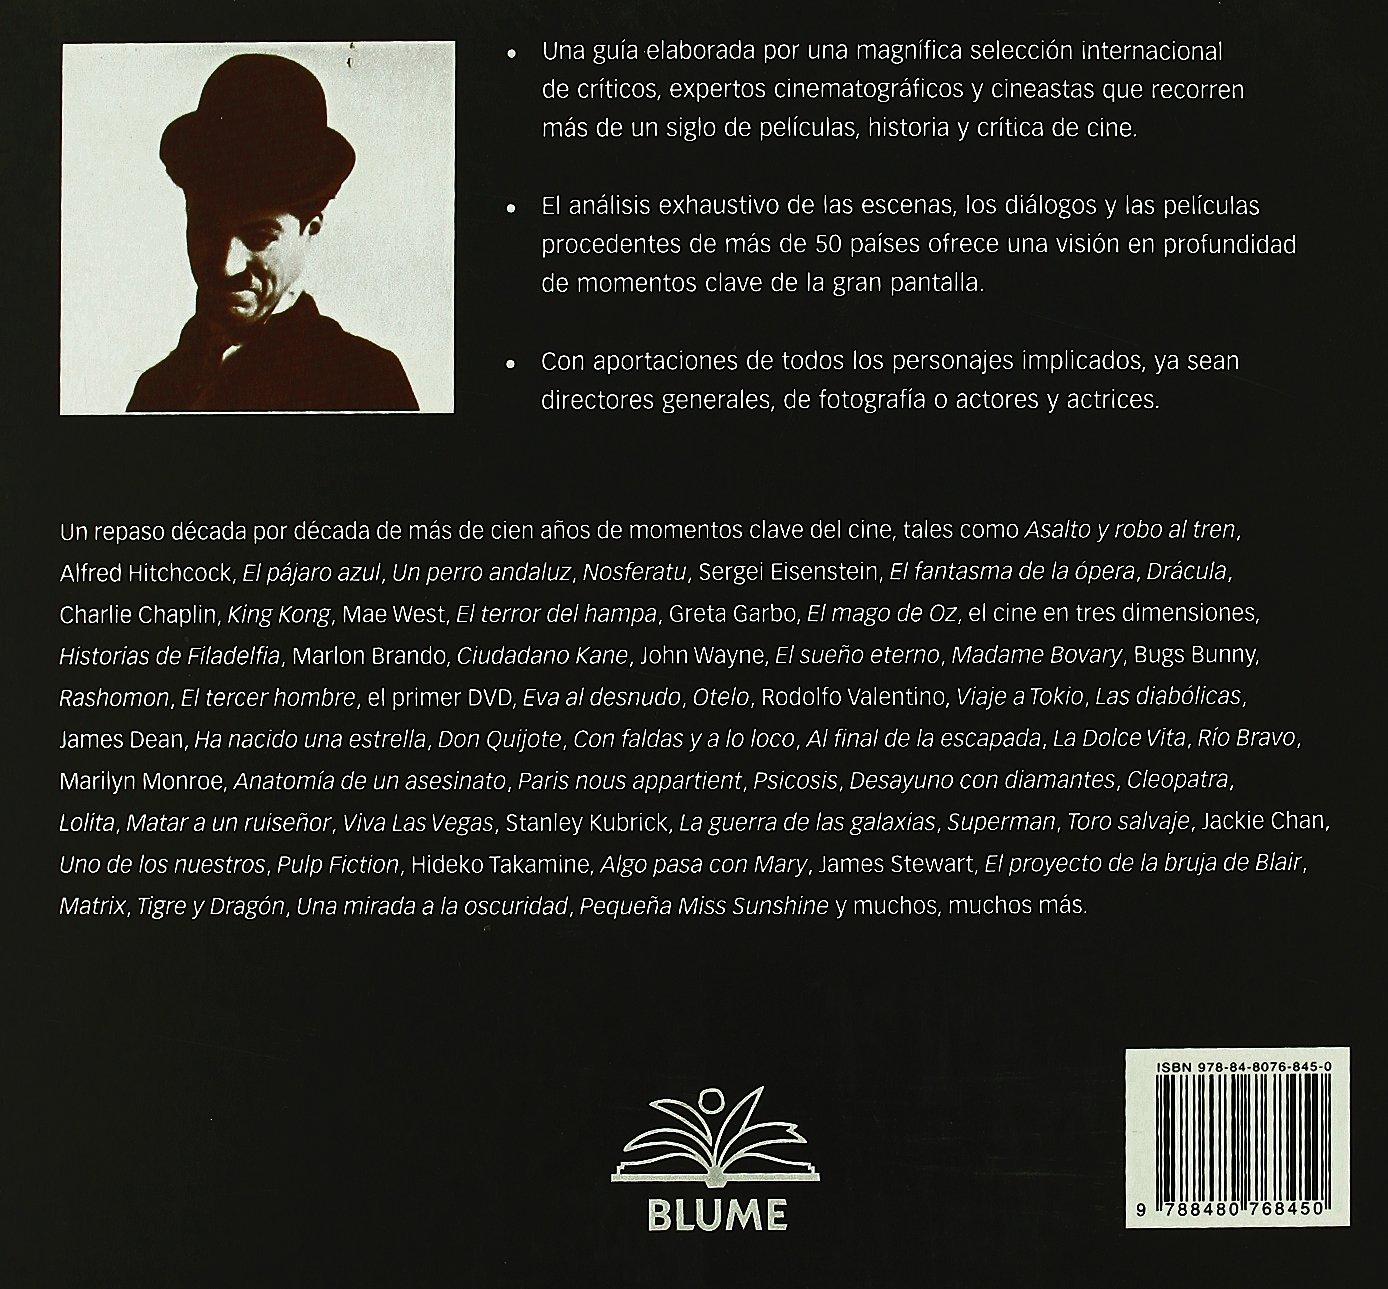 100 años de cine: Actores, actrices, películas, escenas, diálogos y acontecimientos que han marcado el panorama del cine (Momentos clave) (Spanish Edition): ...